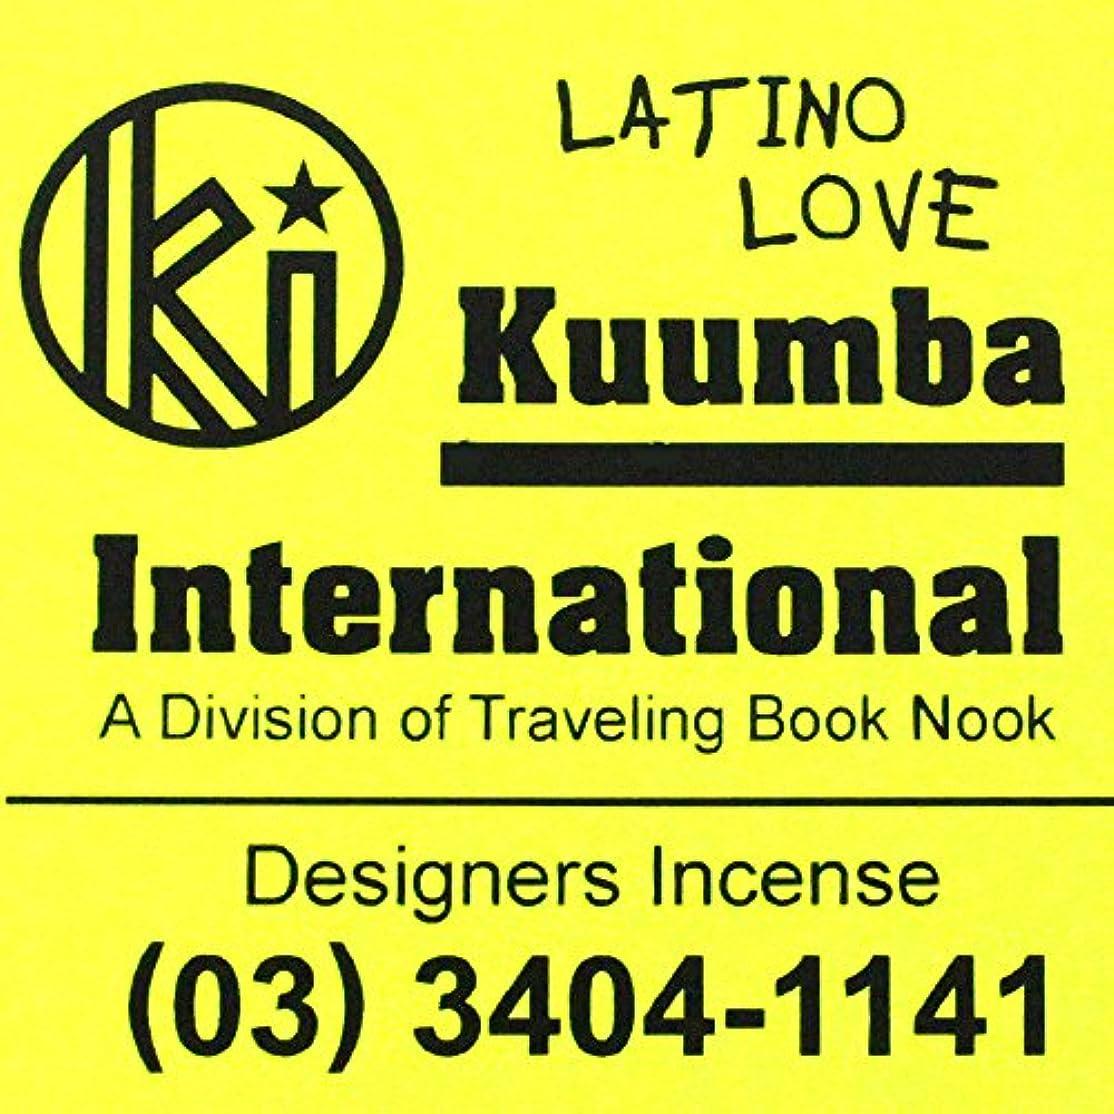 光沢のあるヤギ不誠実(クンバ) KUUMBA『incense』(LATINO LOVE) (Regular size)